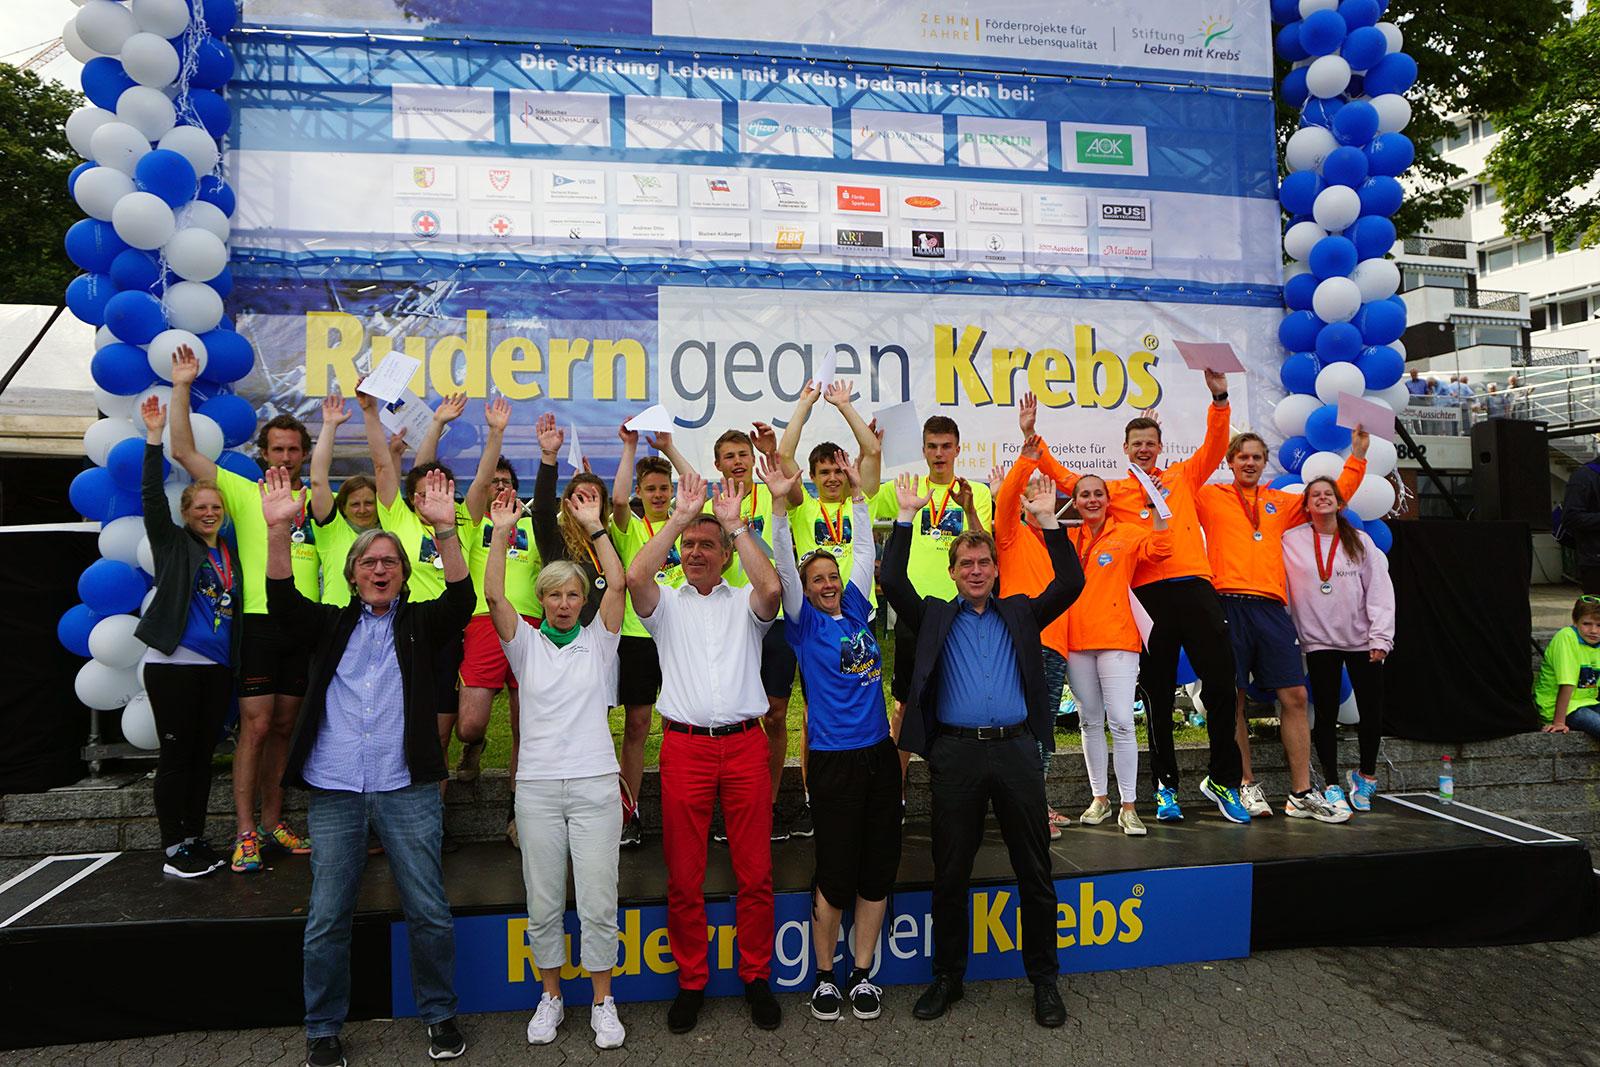 Rudern gegen Krebs in Kiel 2017